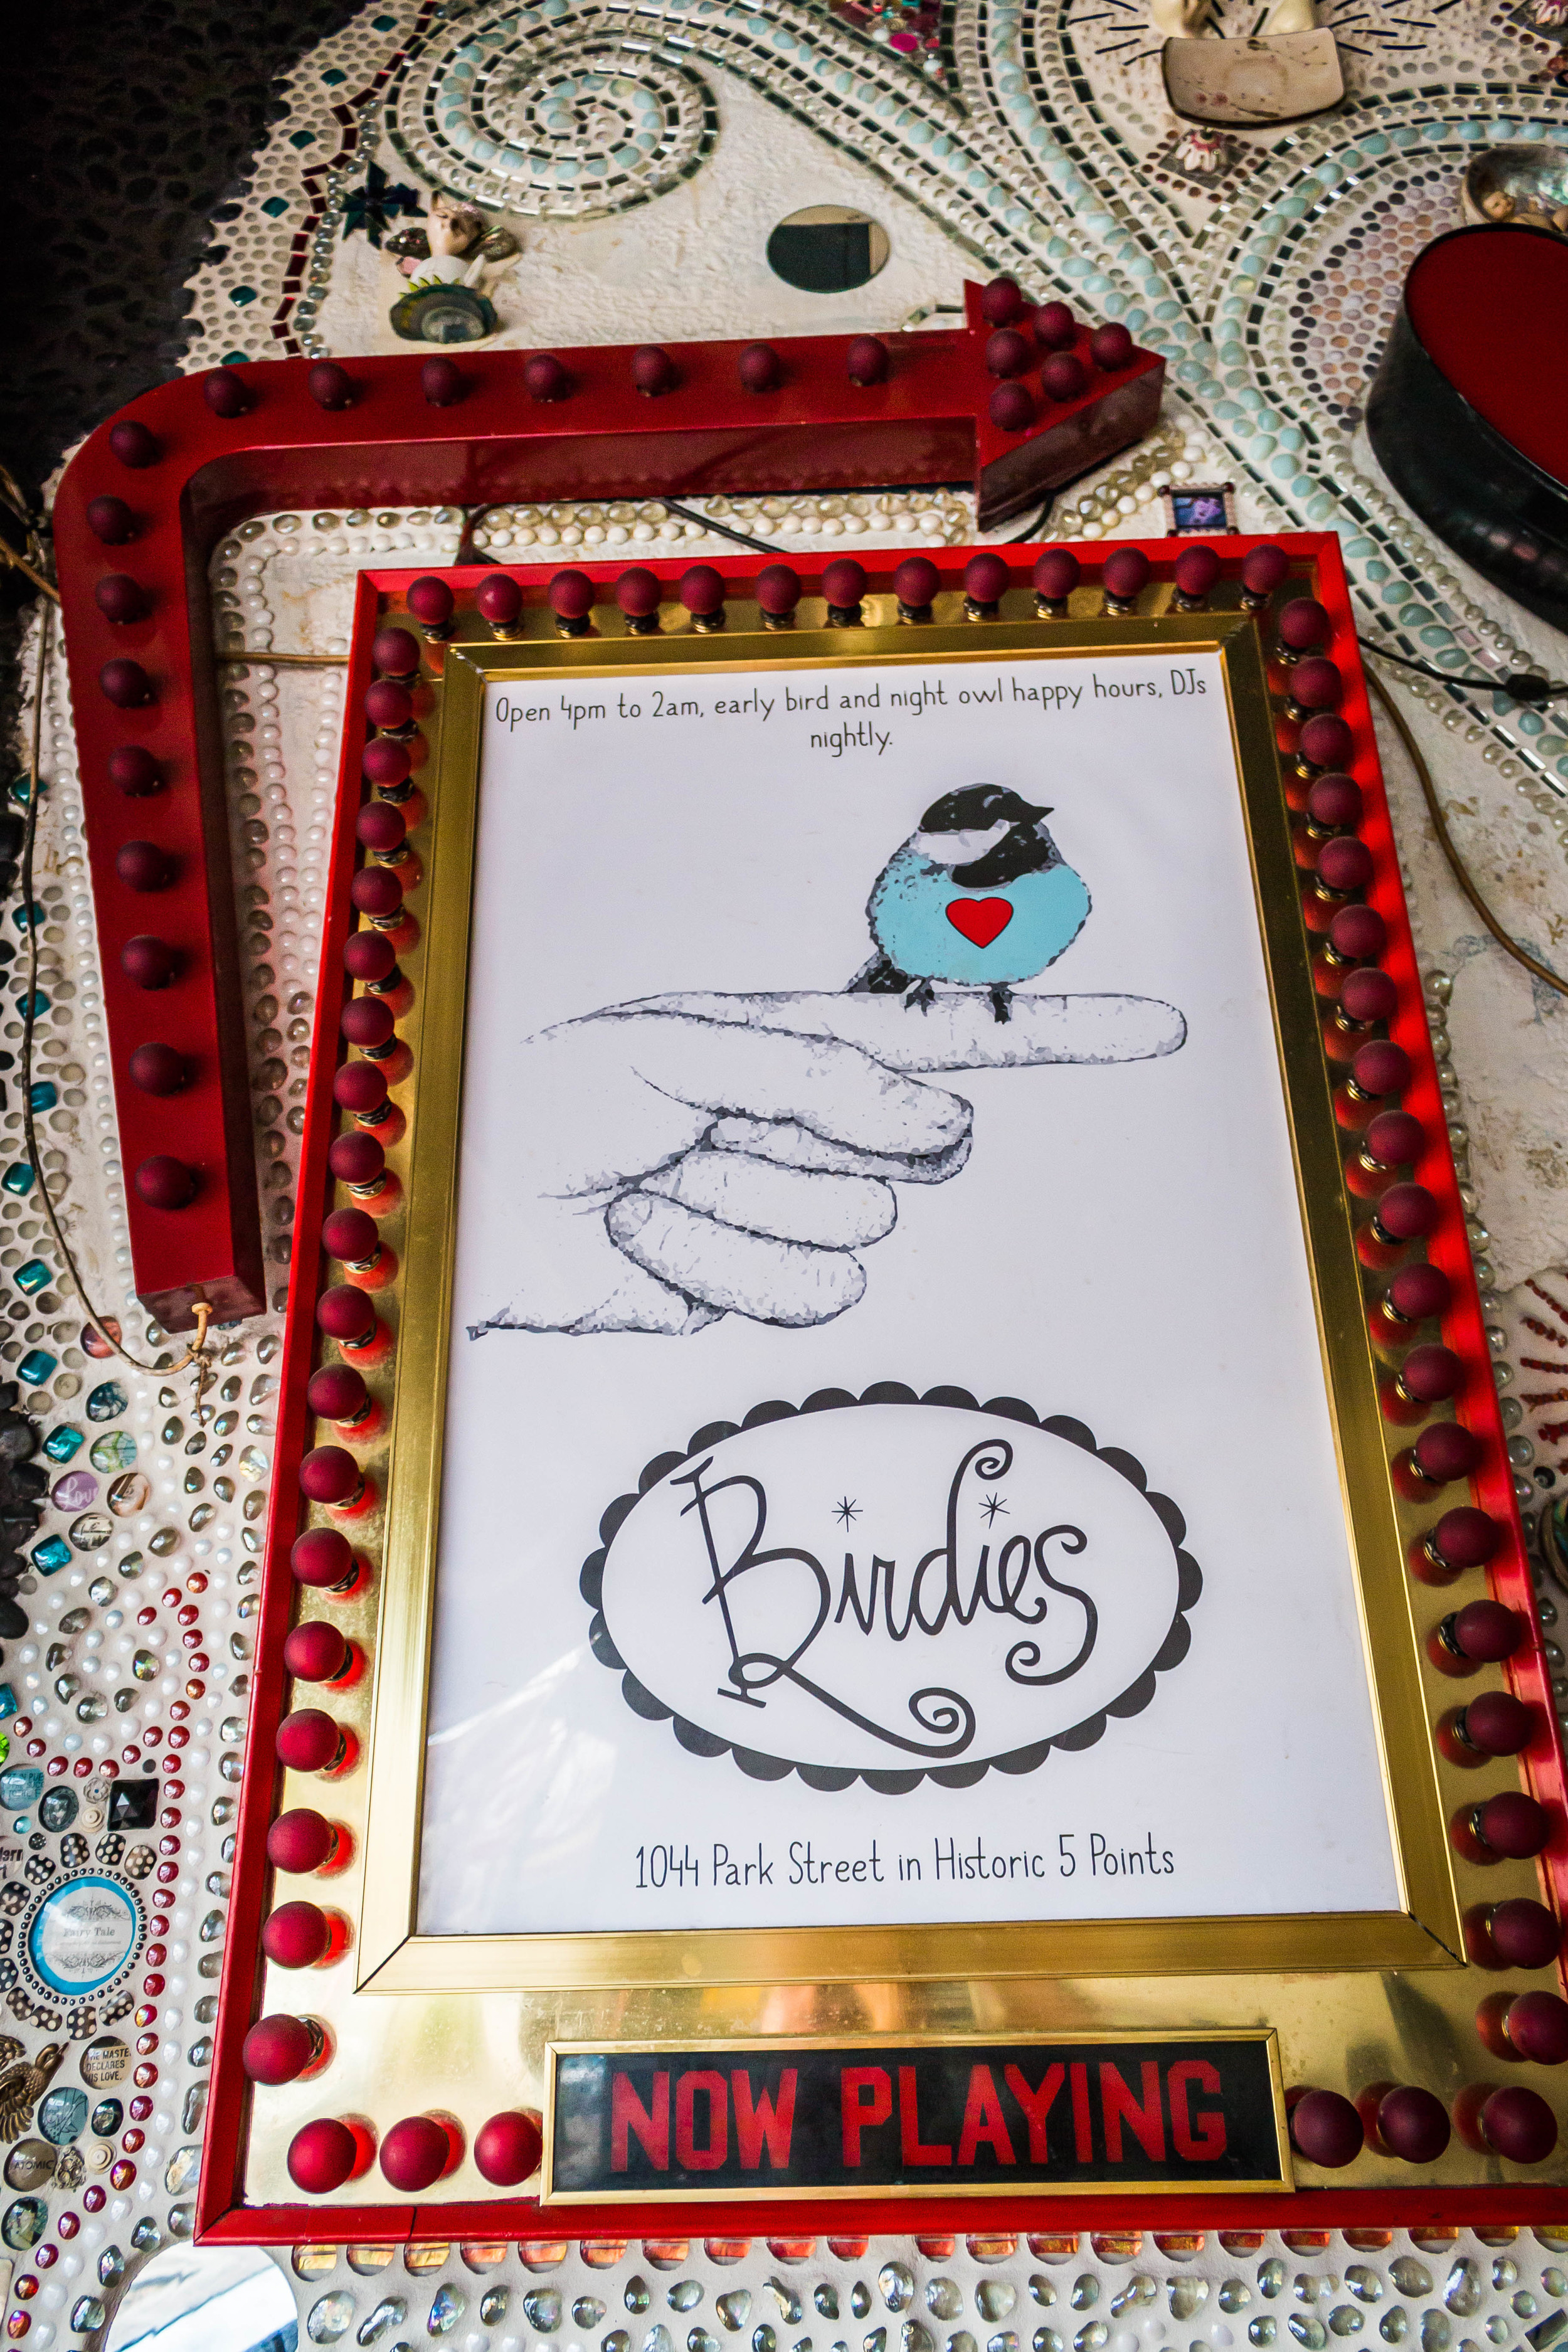 birdies front marquis (1).jpg